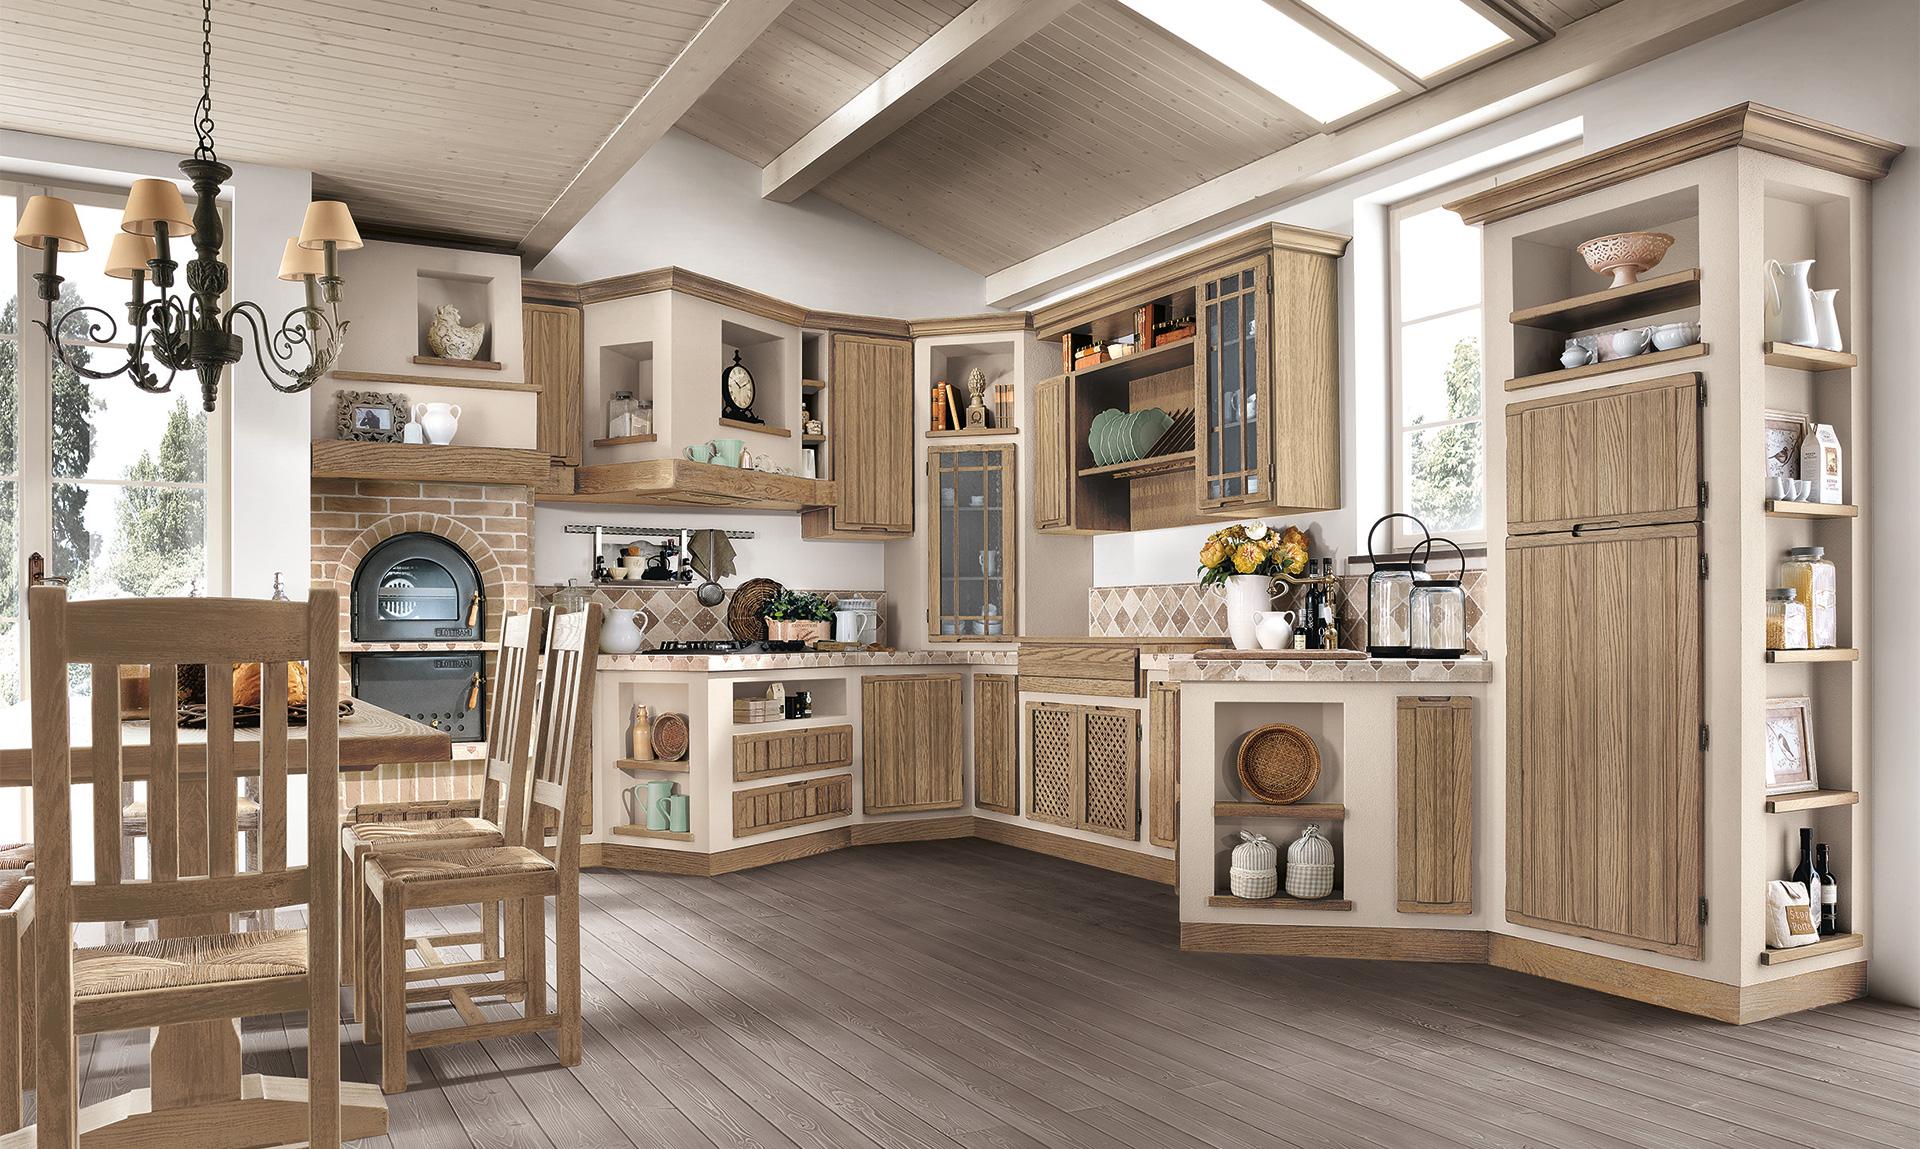 Elena - Borgo Antico Cucine - Gruppo Lube